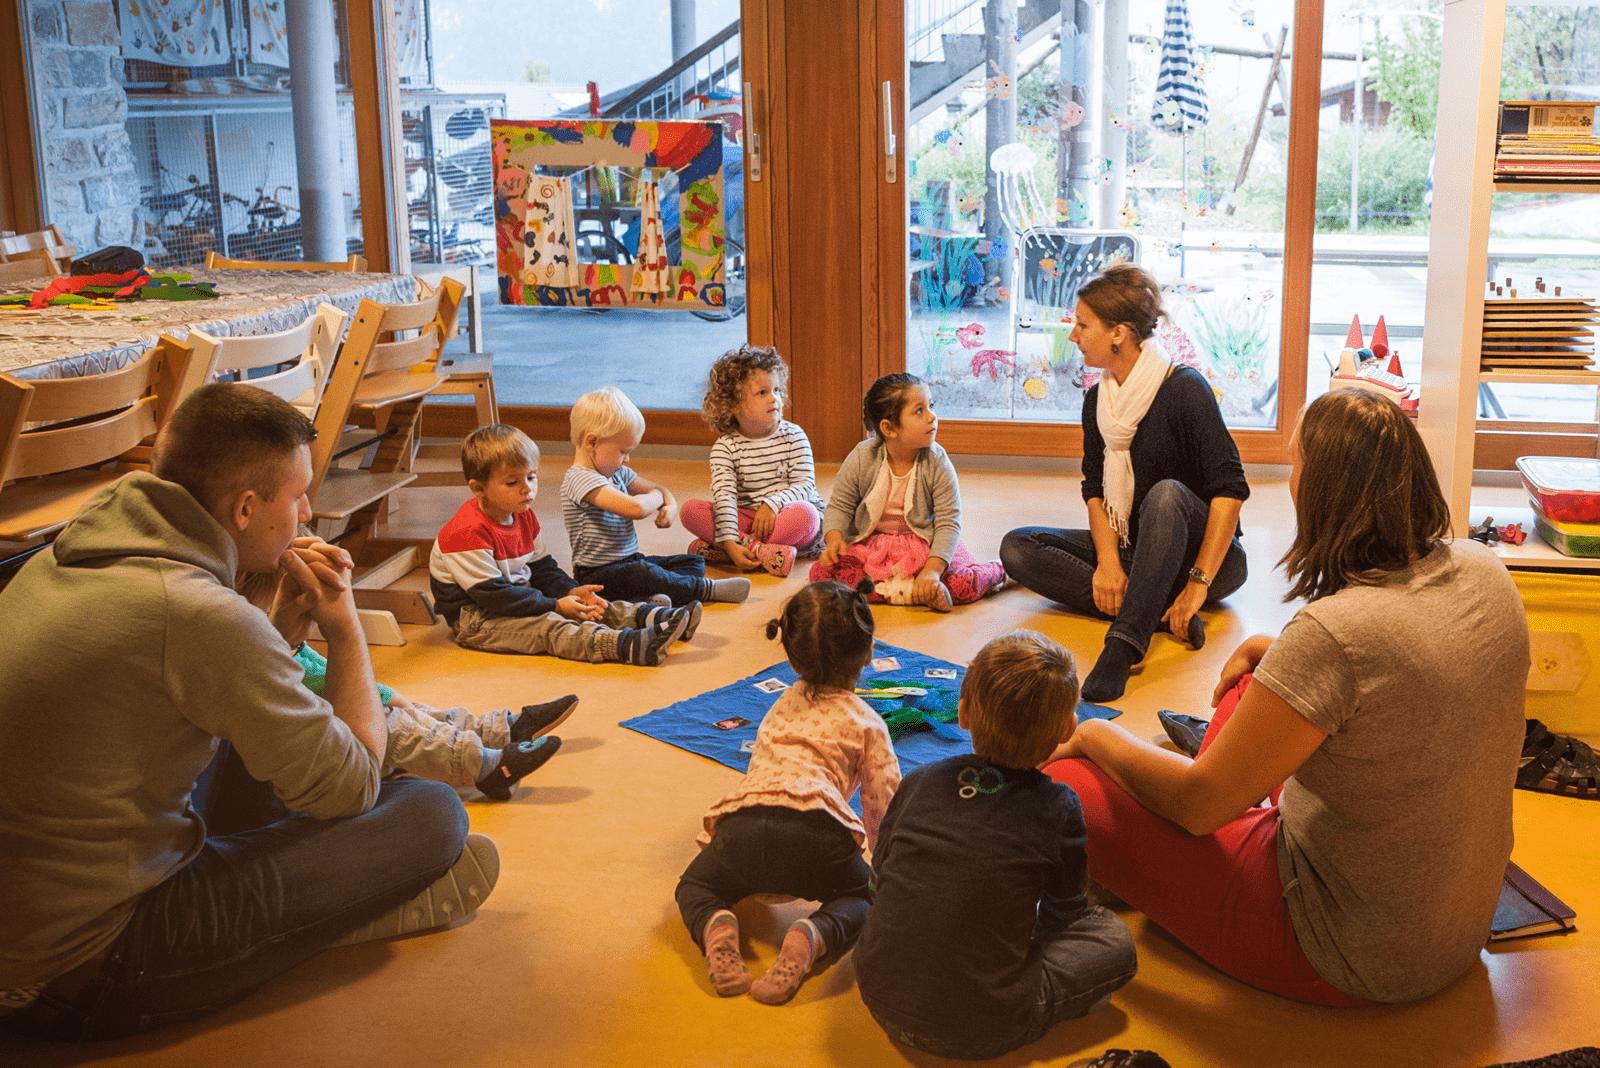 Alle in der Kindertagesstätte sitzen am Boden im Kreisli.